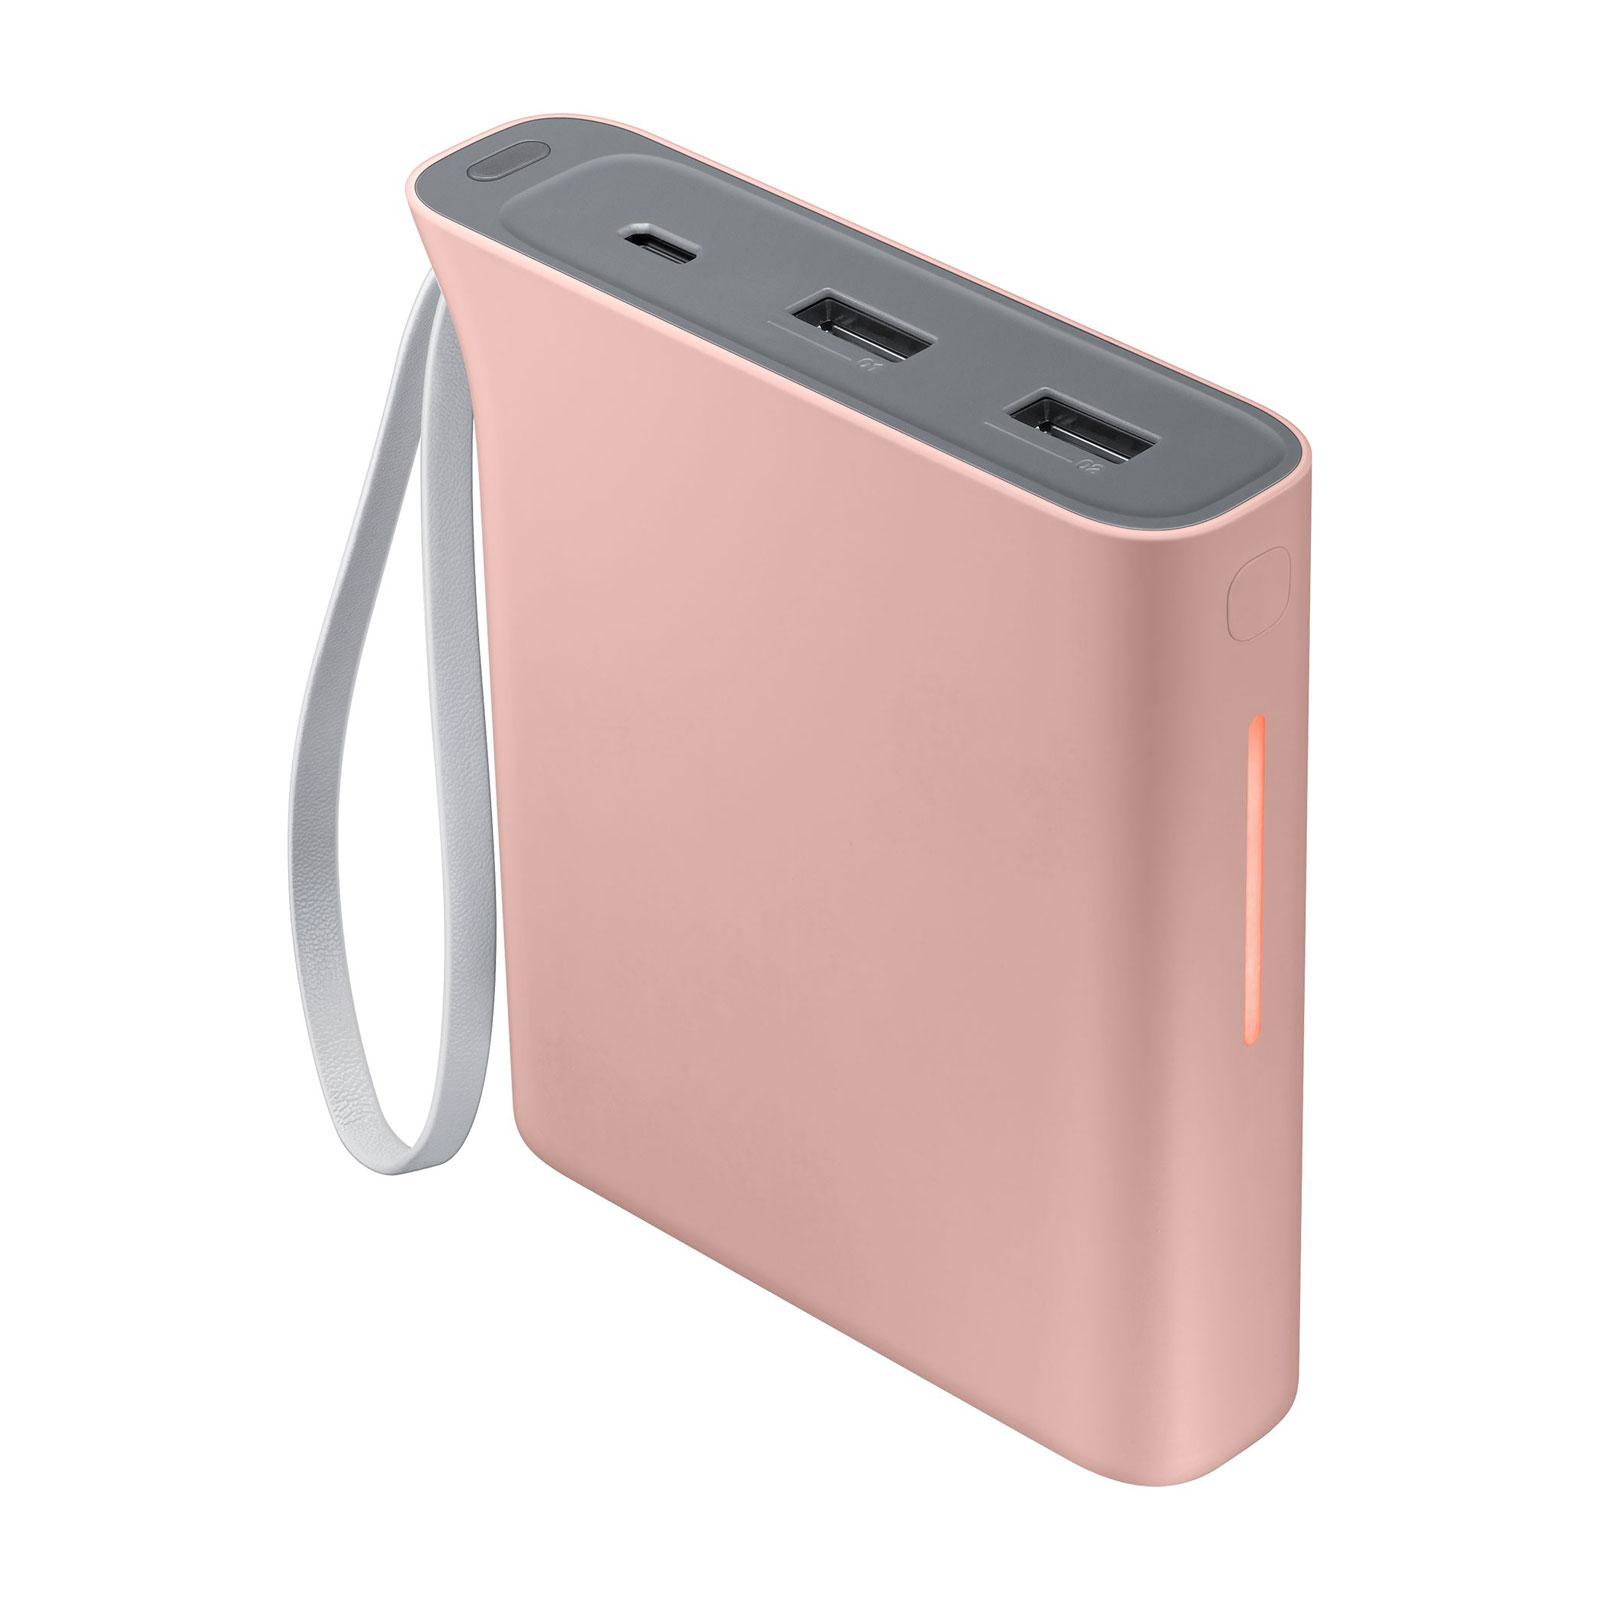 samsung kettle 10 200 mah rose pastel batterie t l phone samsung sur. Black Bedroom Furniture Sets. Home Design Ideas